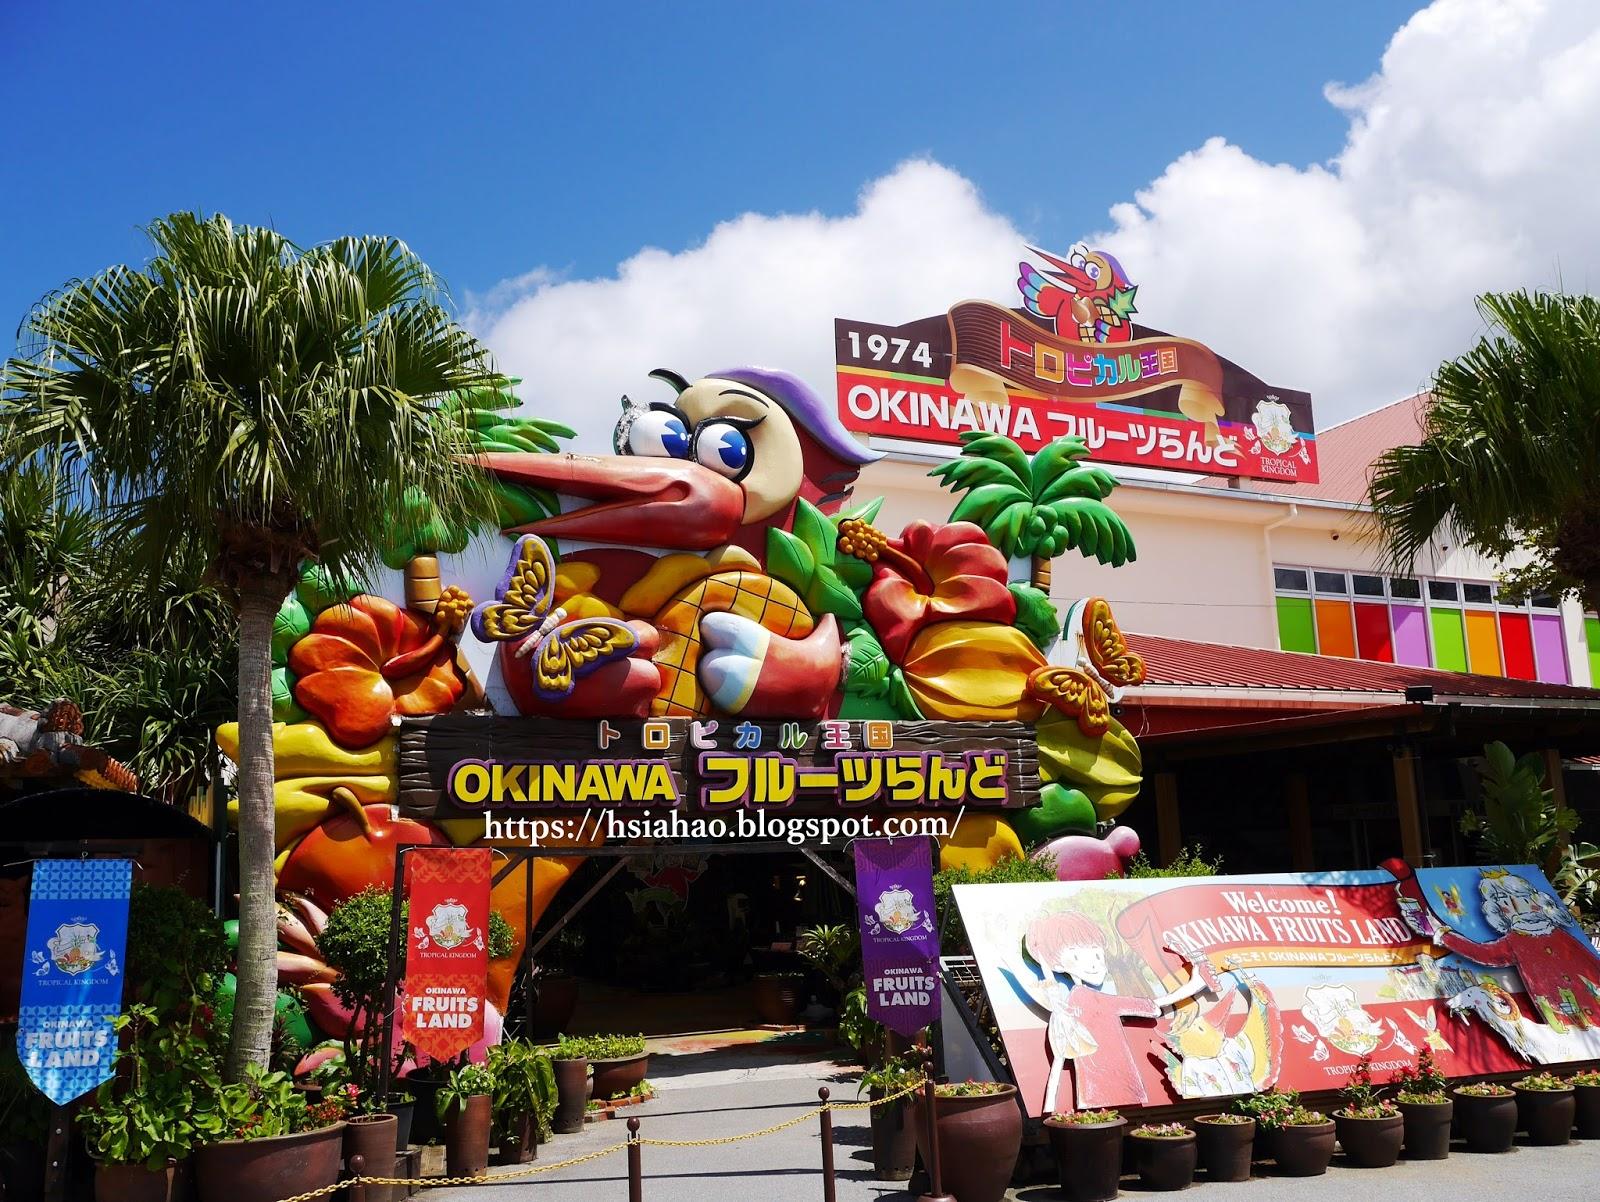 沖繩-景點-名護-沖繩水果樂園-フルーツらんど-fruitland-推薦-親子-自由行-旅遊-Okinawa-Nago